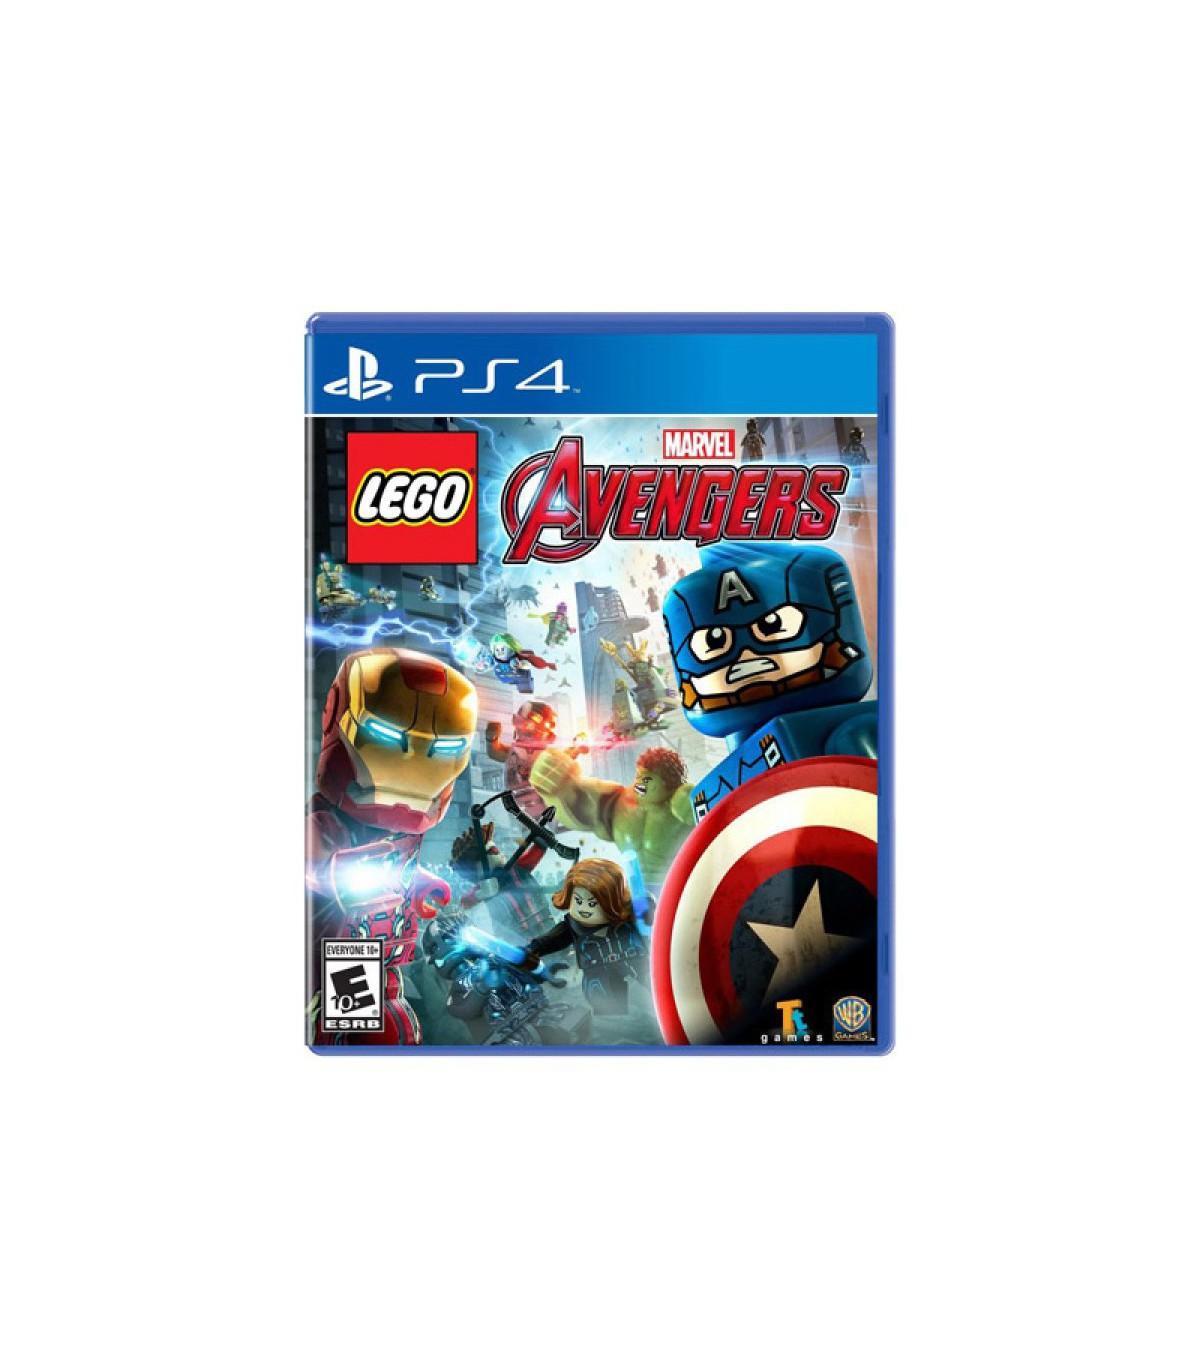 بازی Lego Marvel's Avengers کارکرده - پلی استیشن ۴